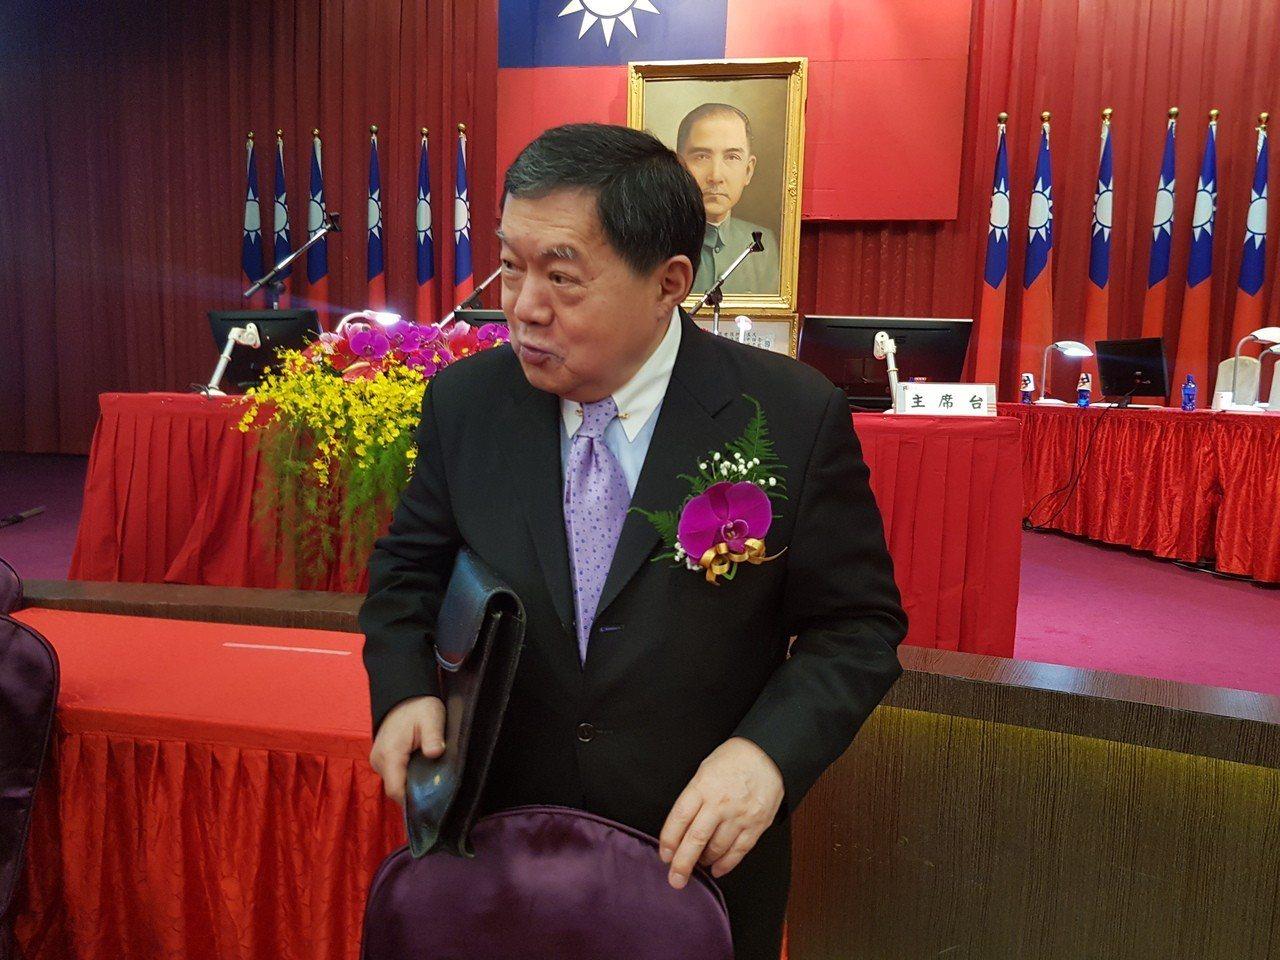 遠東集團總裁徐旭東今年股東會初登板,主持東聯股東會。記者曾仁凱/攝影